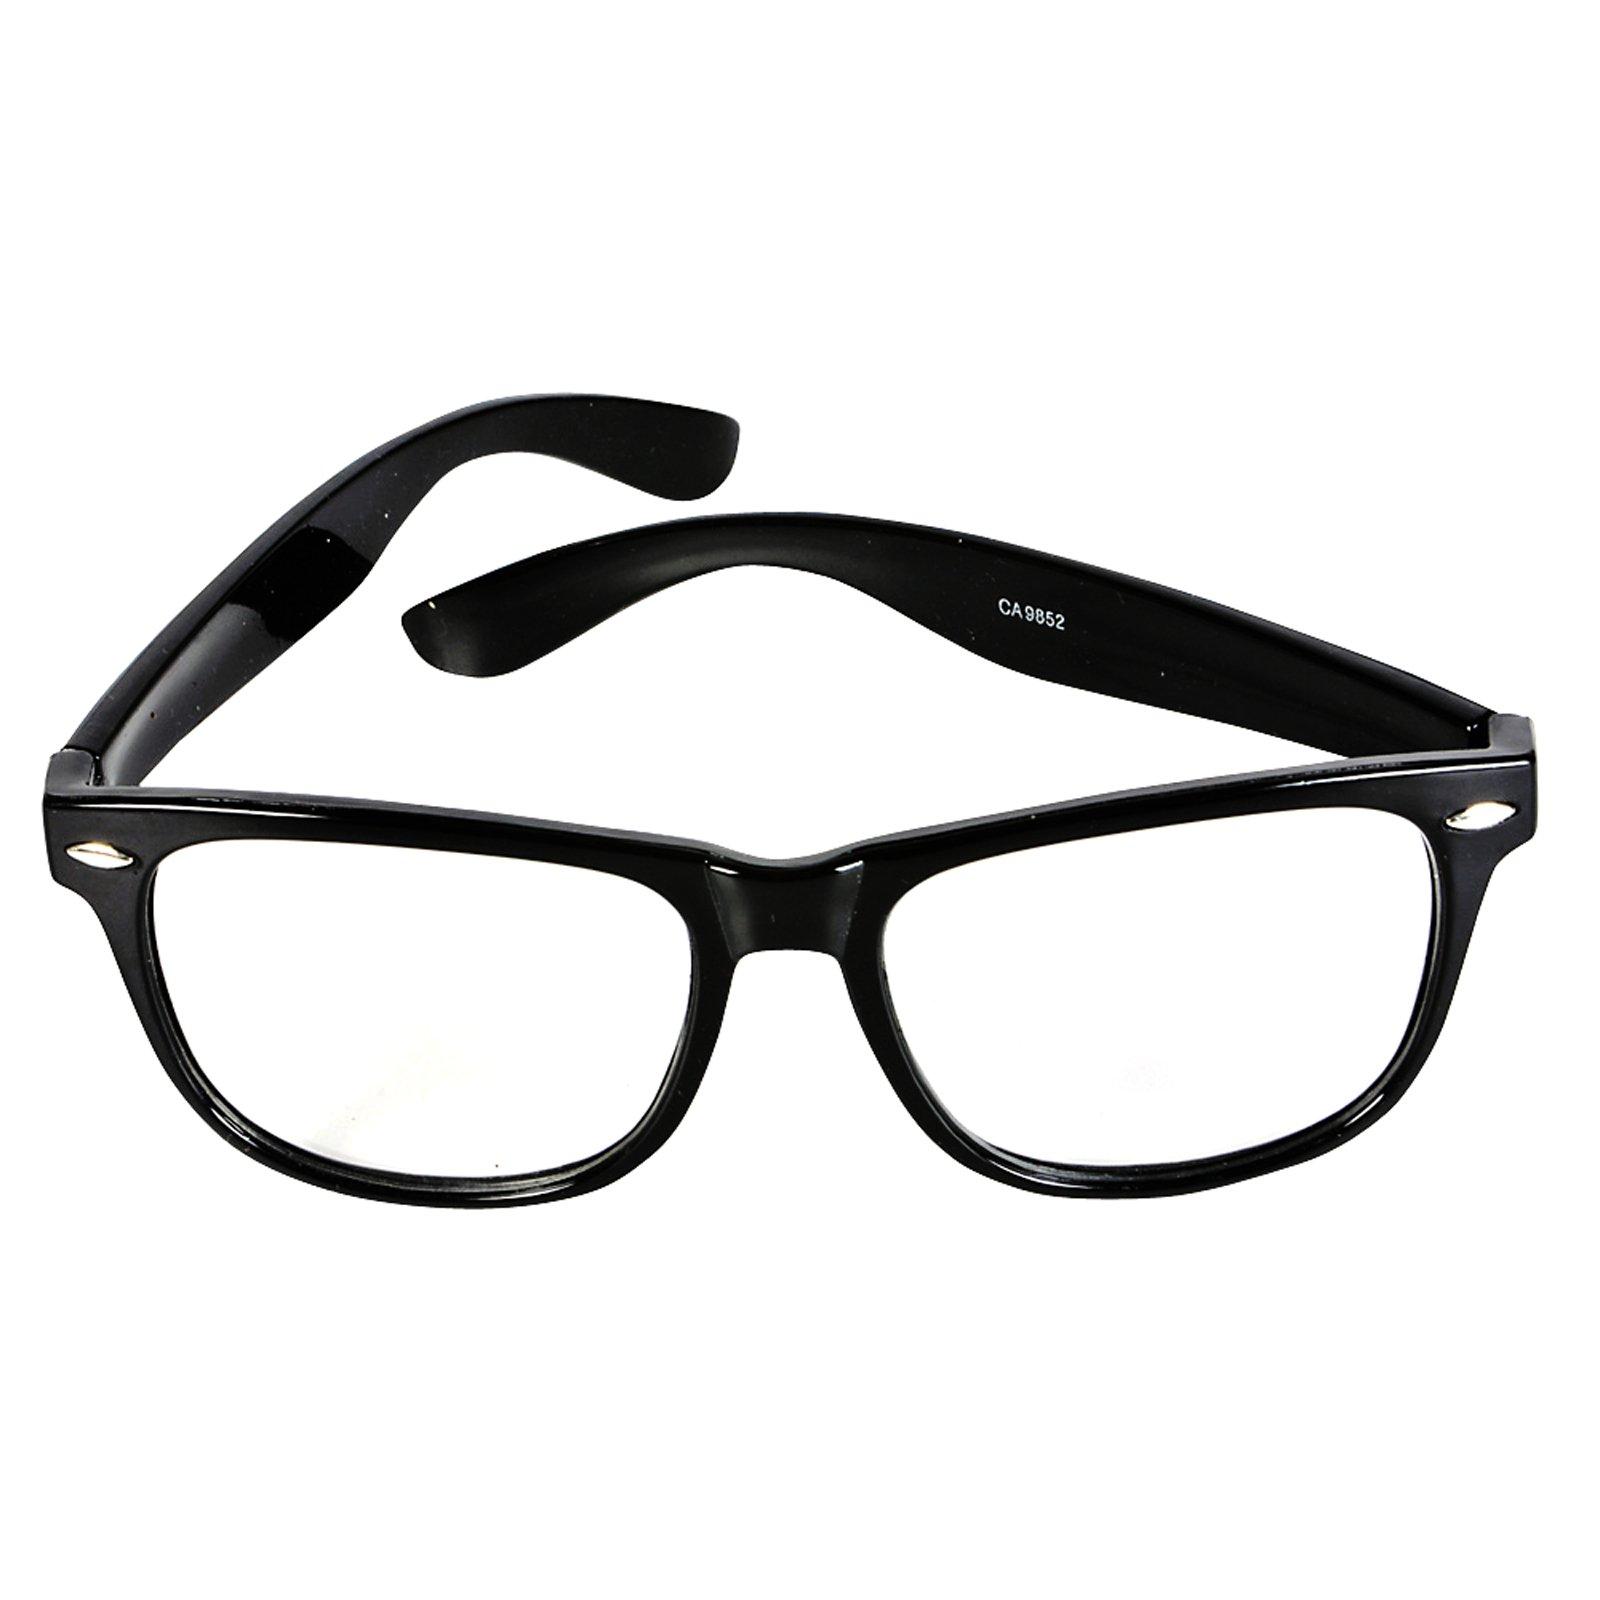 Glasses Frames Nerd Black : Nerds Glasses - ClipArt Best